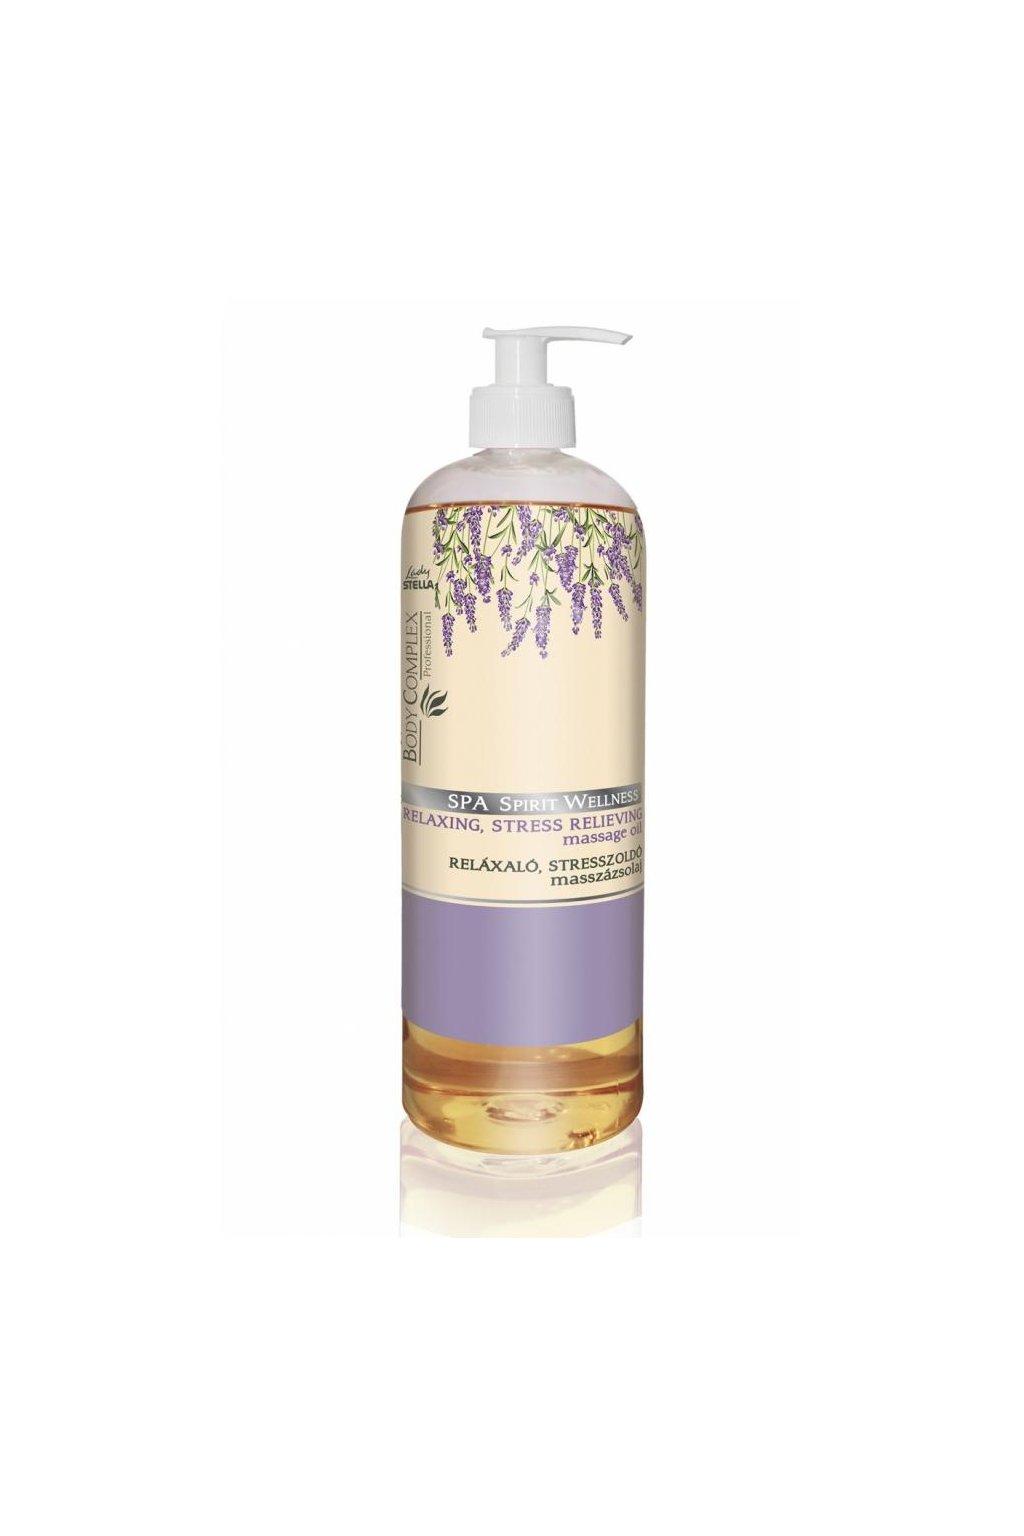 SPA SPIRIT WELLNESS relaxační masážní olej s levandulí